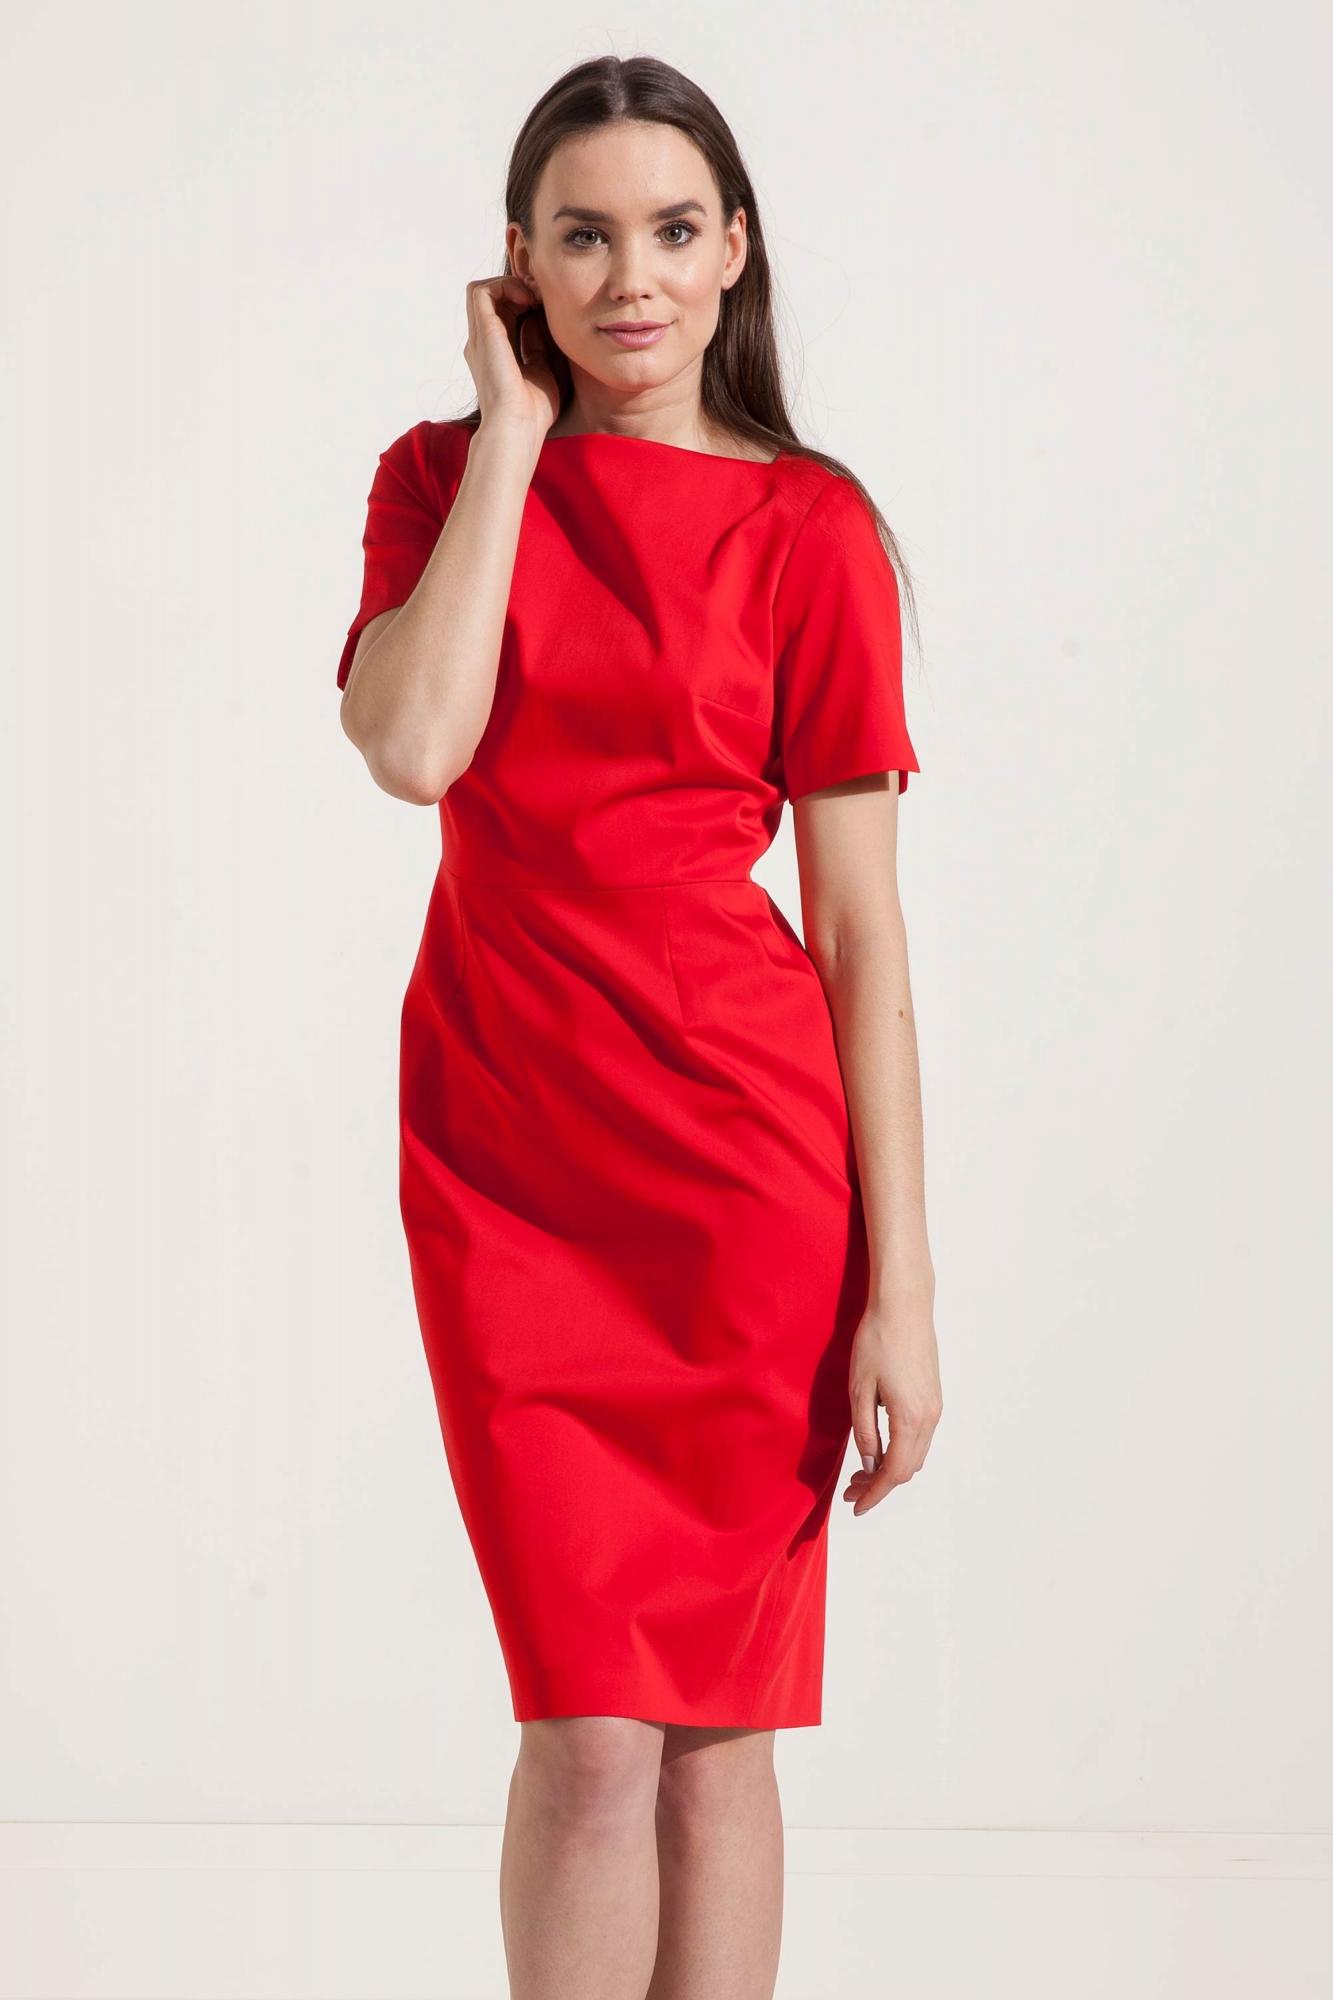 ffaf0de99 Bawełniana ołówkowa sukienka do pracy - Beata Cupriak sklep online